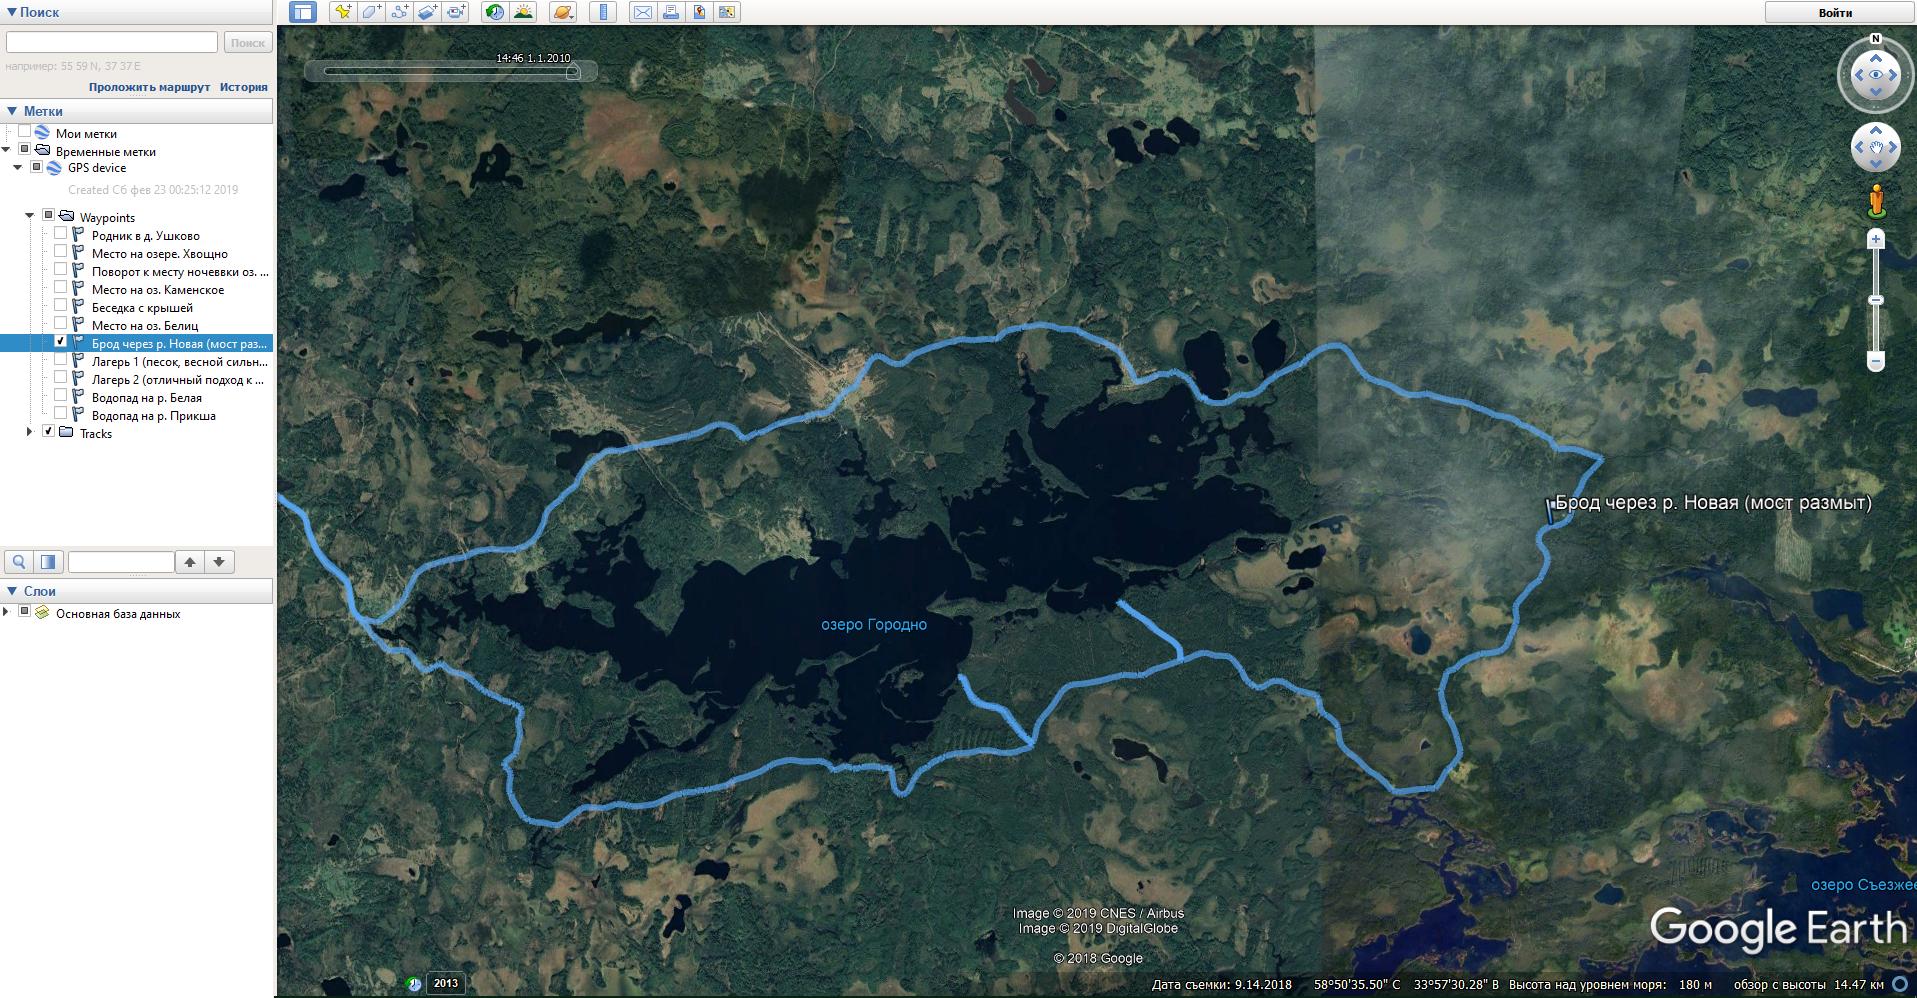 Фрагмент моего майского трека к озеру Городно в Google Earth Pro. Слева можно выбирать точки маршрута и просматривать их описание. Хотя брода и реки из-за деревьев на карте не видно, по описанию точки сразу понятно, что брод там есть